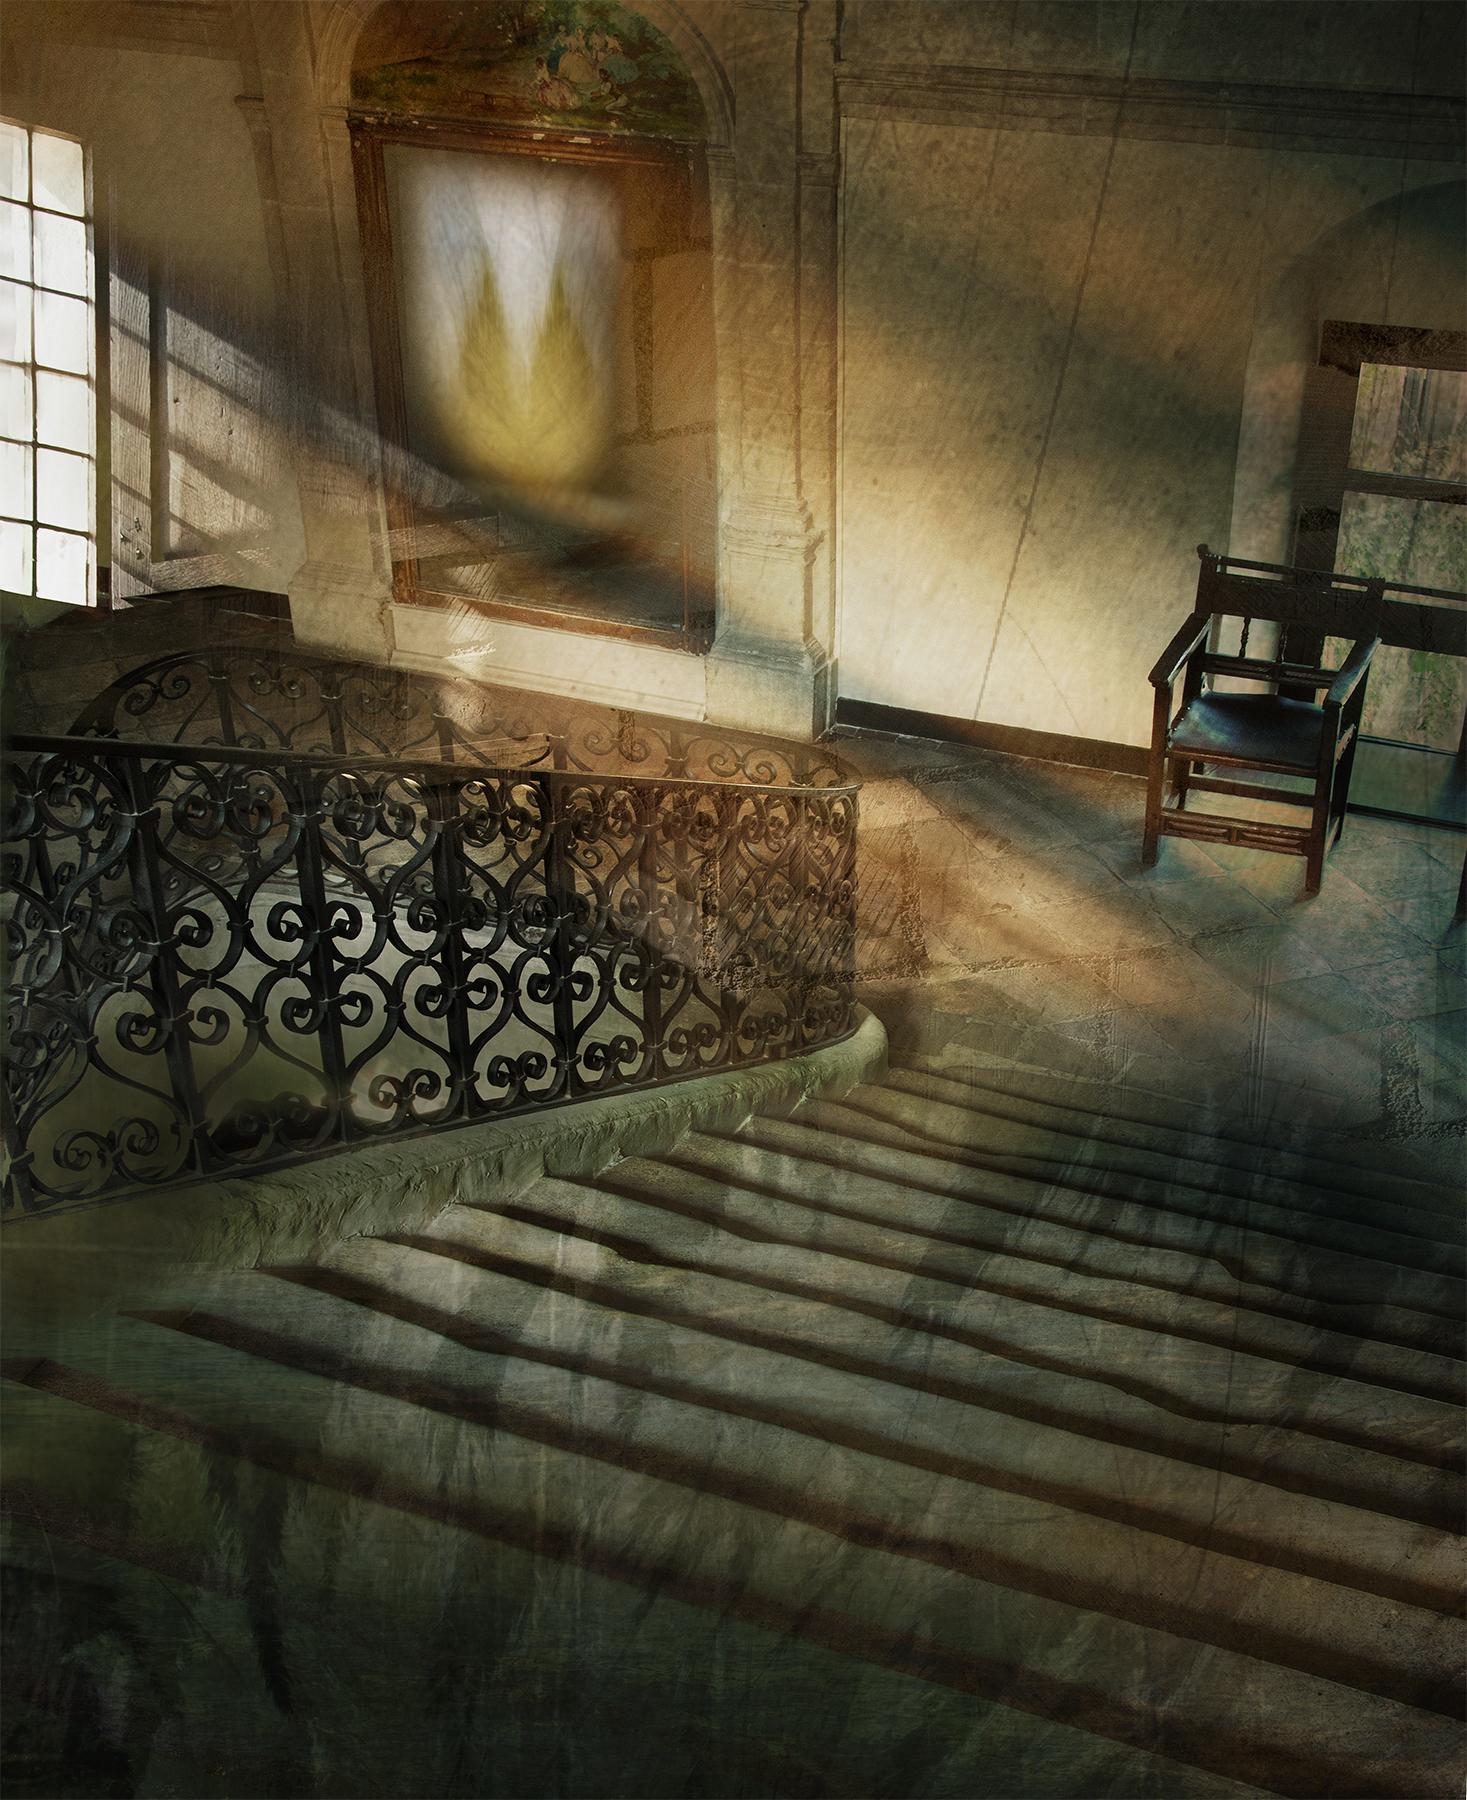 Karen_Kirkpatrick_Momentary Insight Lingering in the Light.jpg